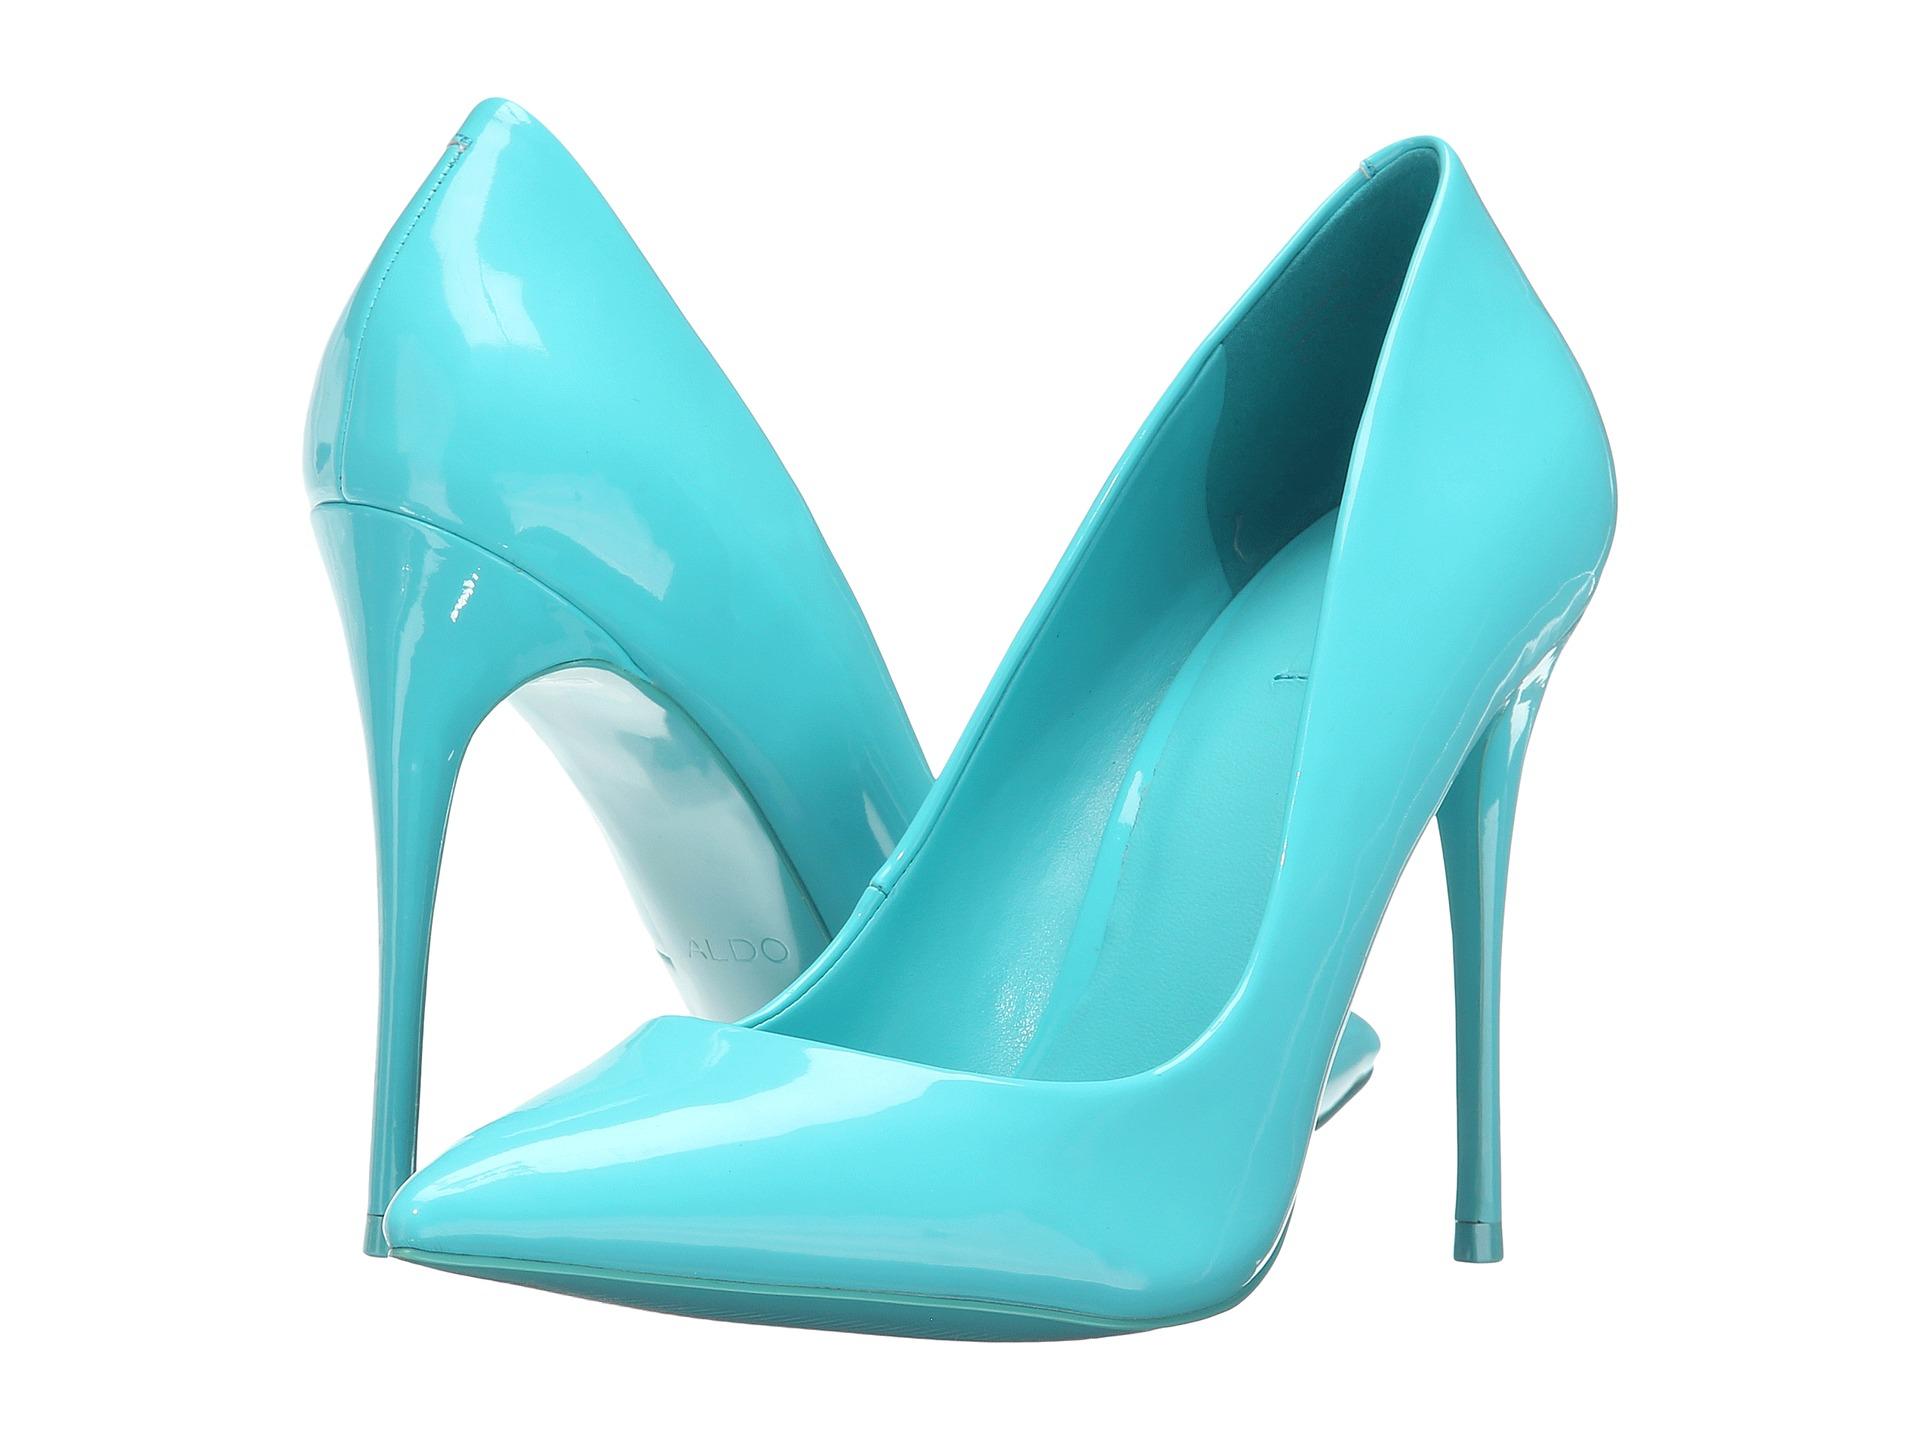 Turquoise Heels For Women Heels Zone